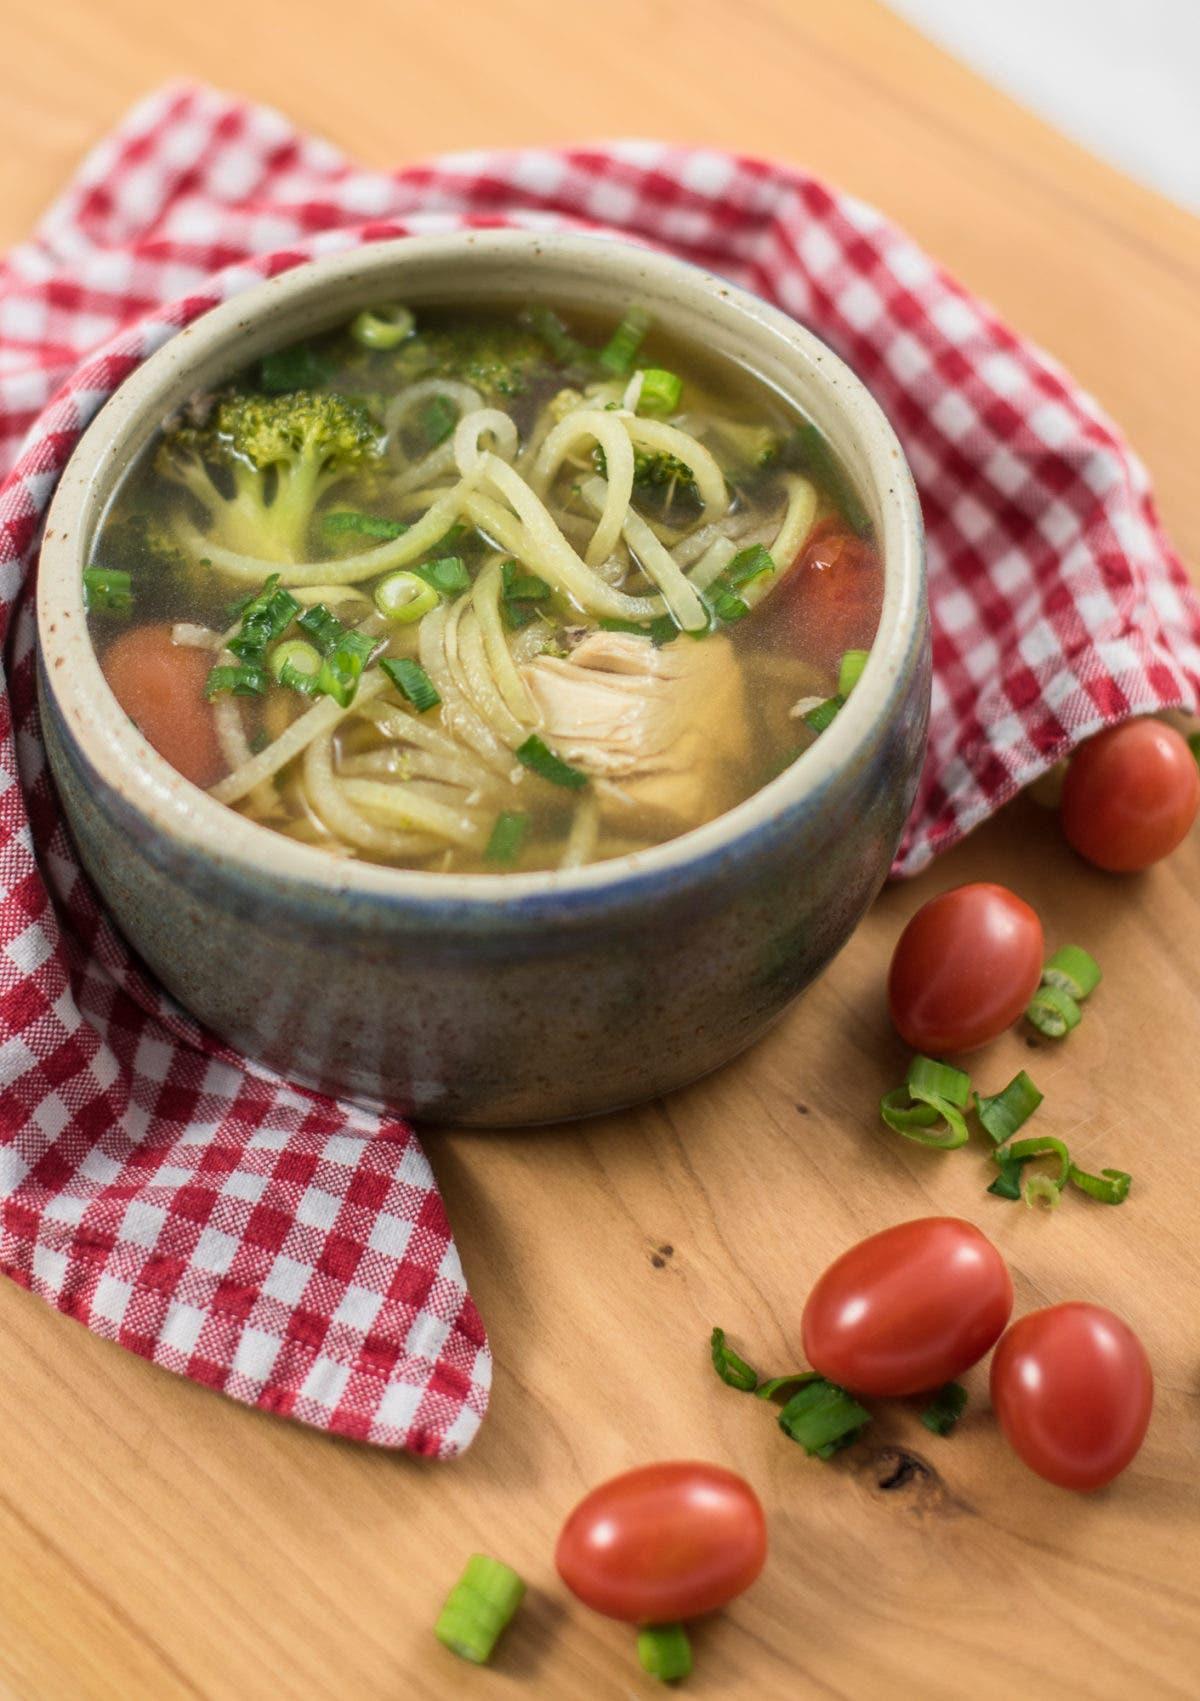 Suppenschüssel mit klarer Brühe und Suppeneinlage auf Holztisch mit rot kariertem Tuch und Tomaten